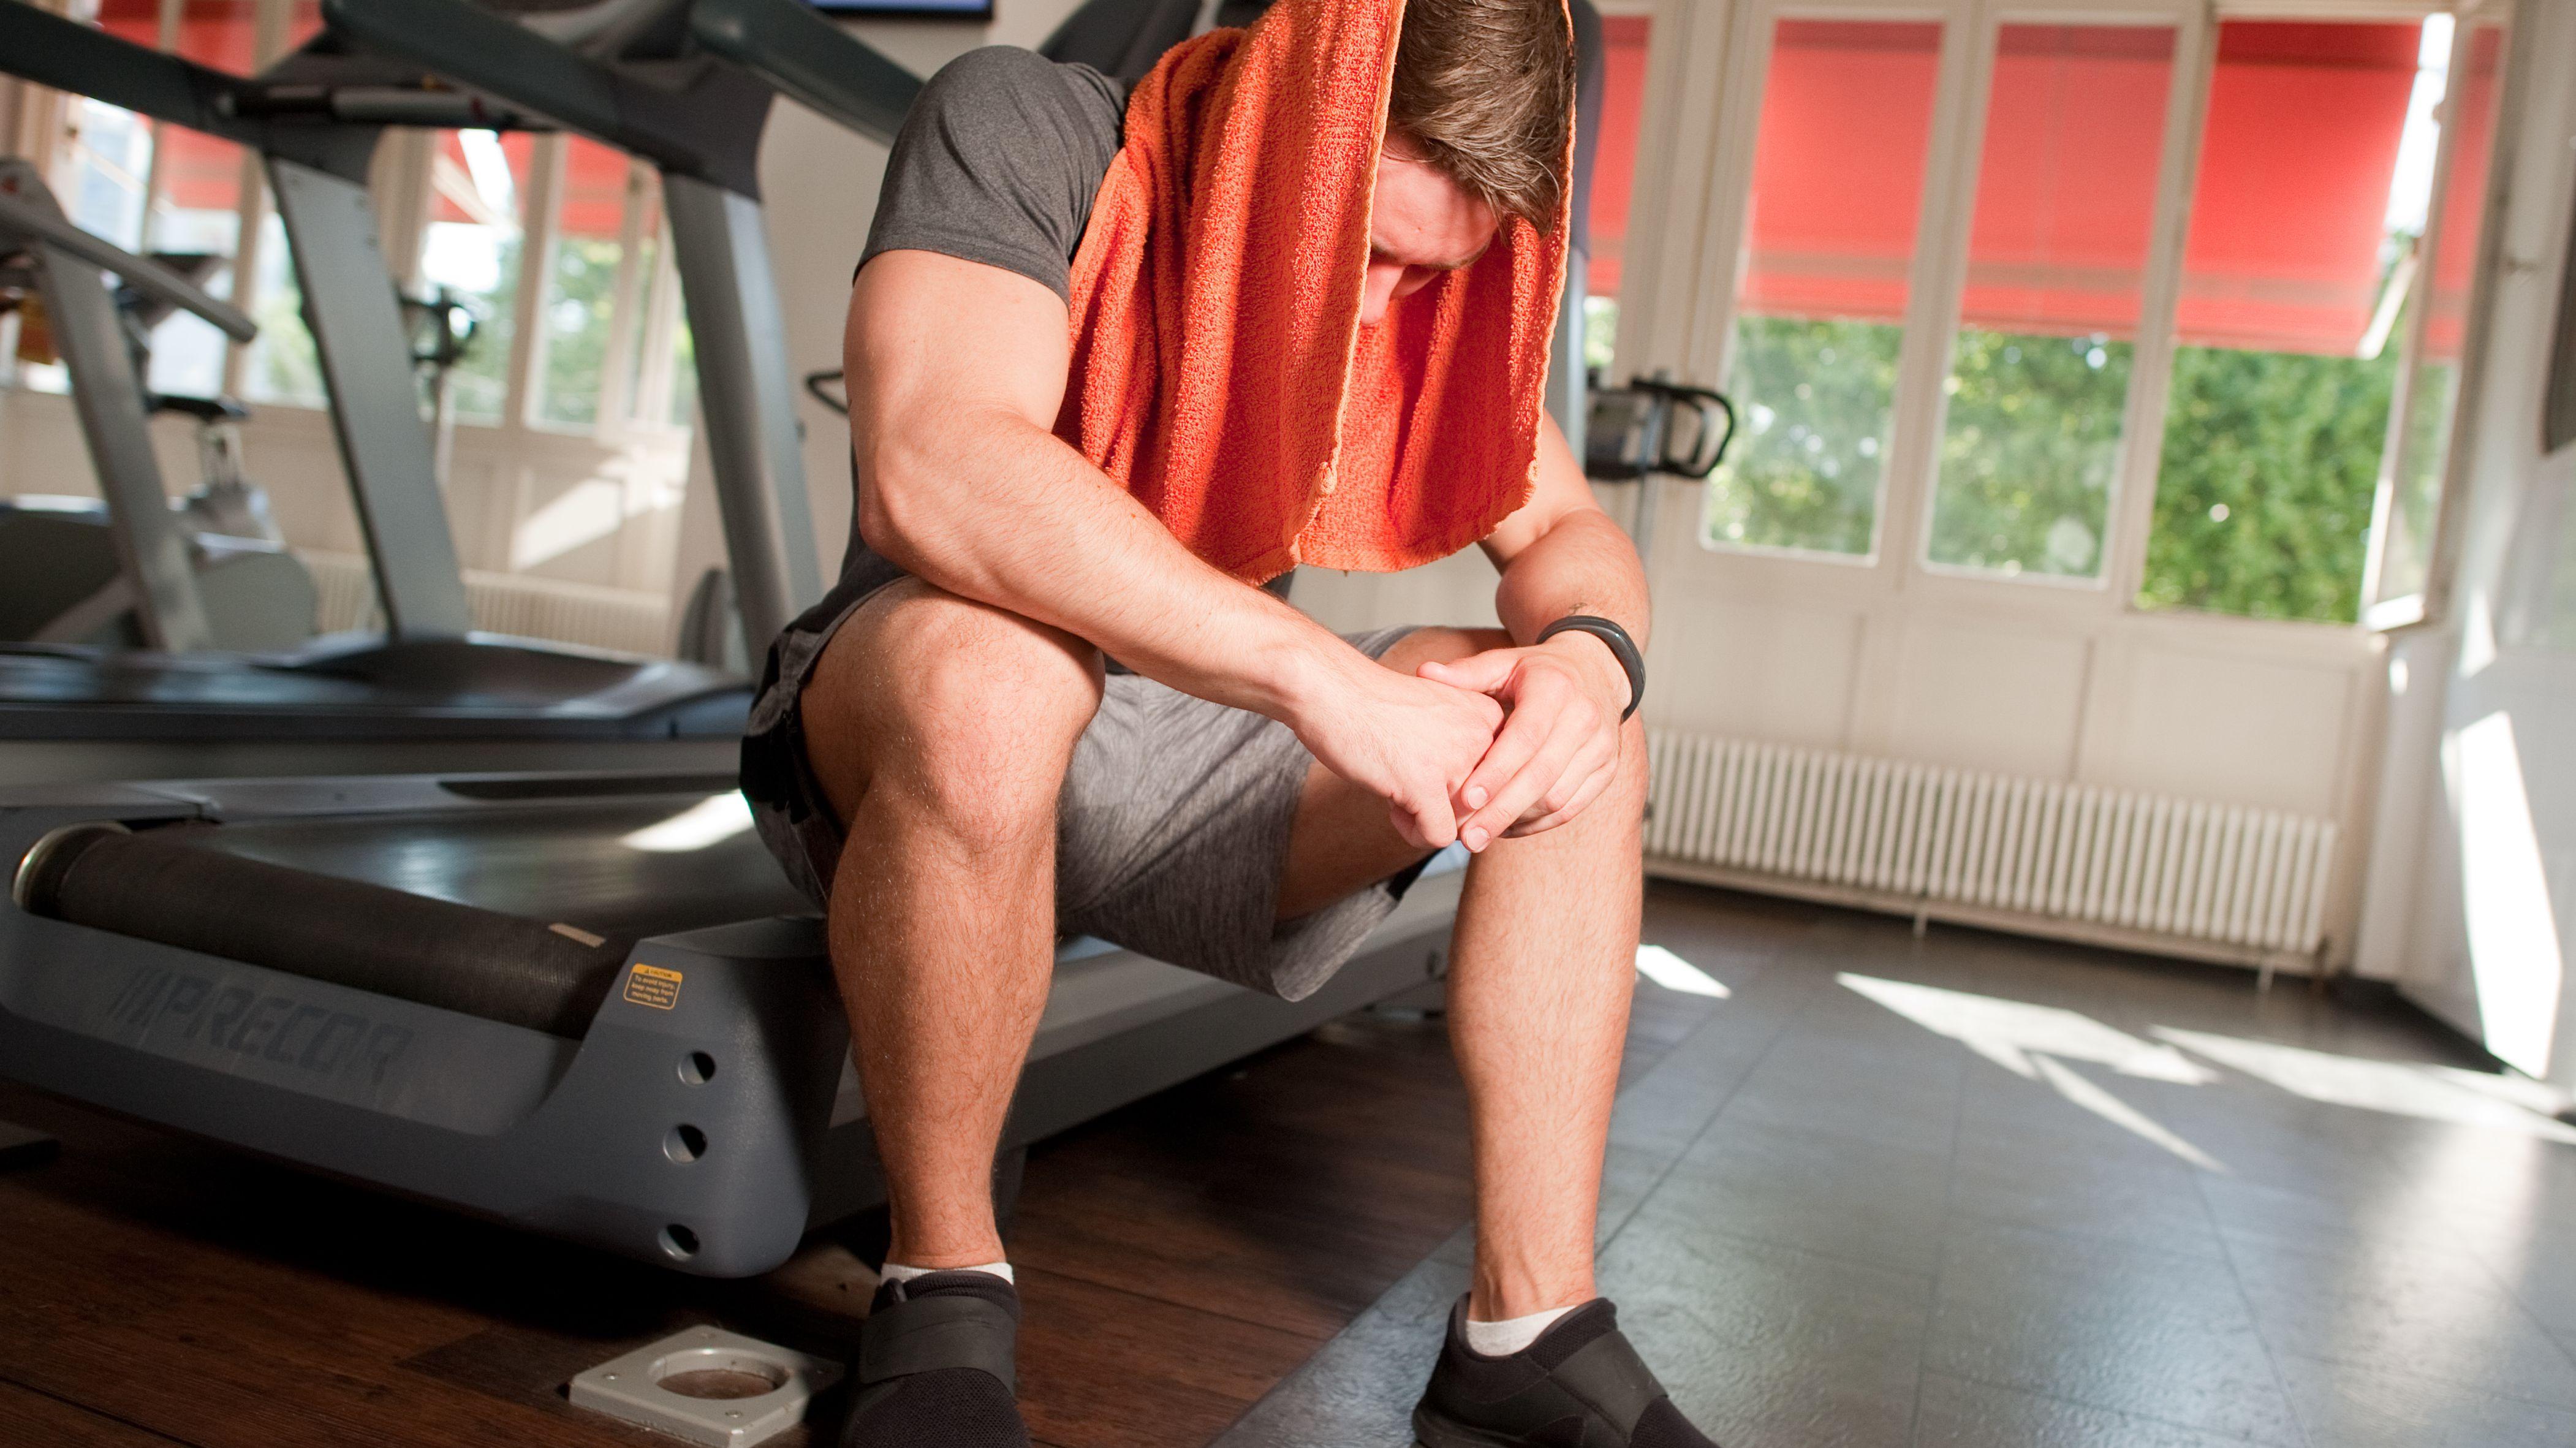 Ein Sportler sitzt nach dem Training erschöpft mit einem Handtuch auf seinem Kopf auf einem Laufband